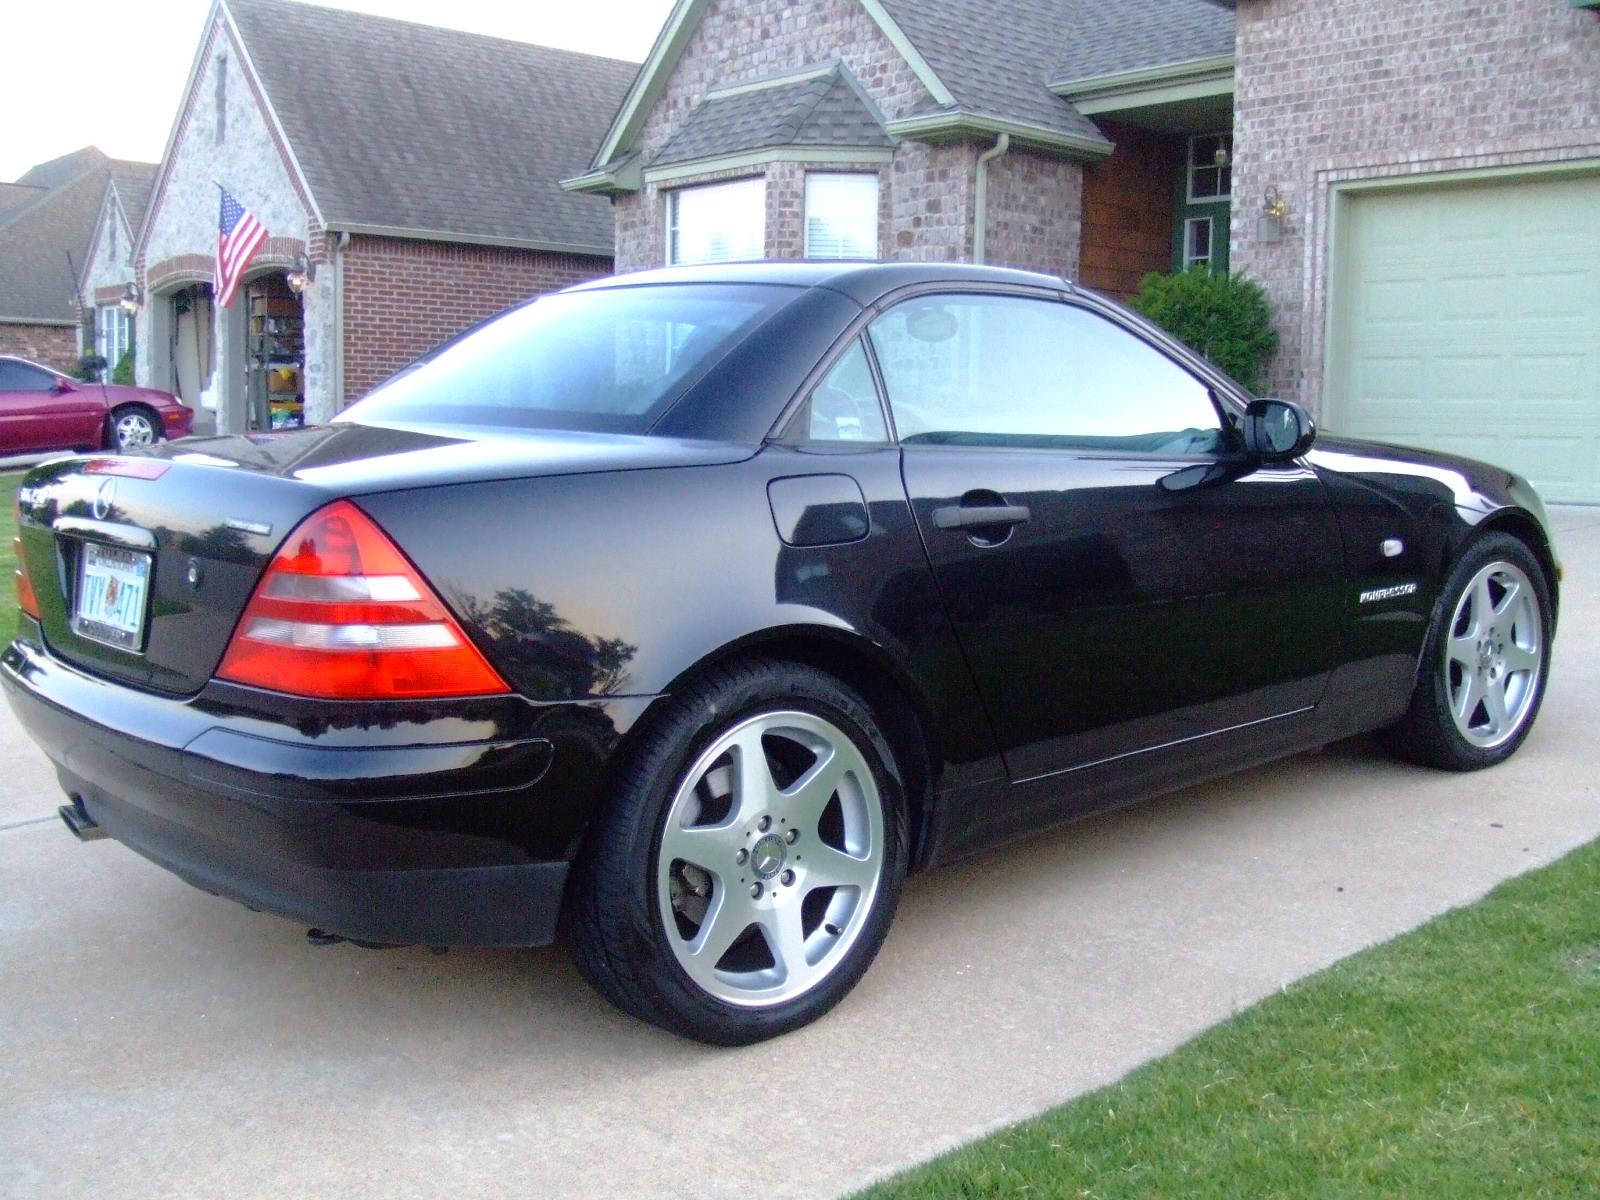 FS 2000 slk230 Limited Edition Black Tulsa oklahoma-slk230-004.jpg